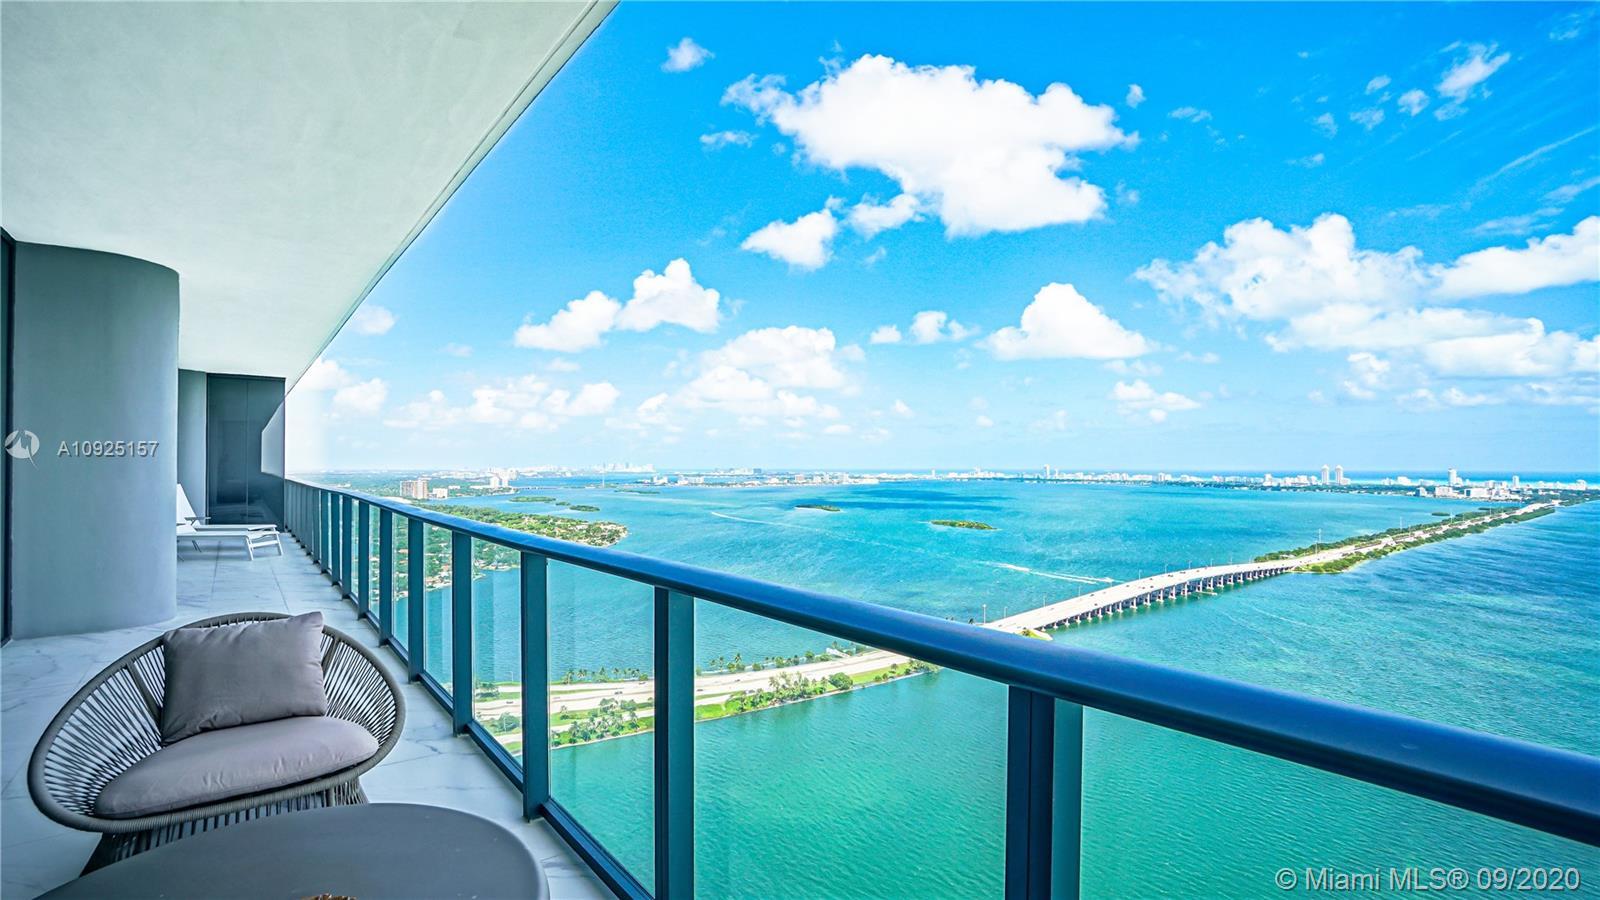 3131 7th Ave Unit P H5202, Miami, Florida 33137